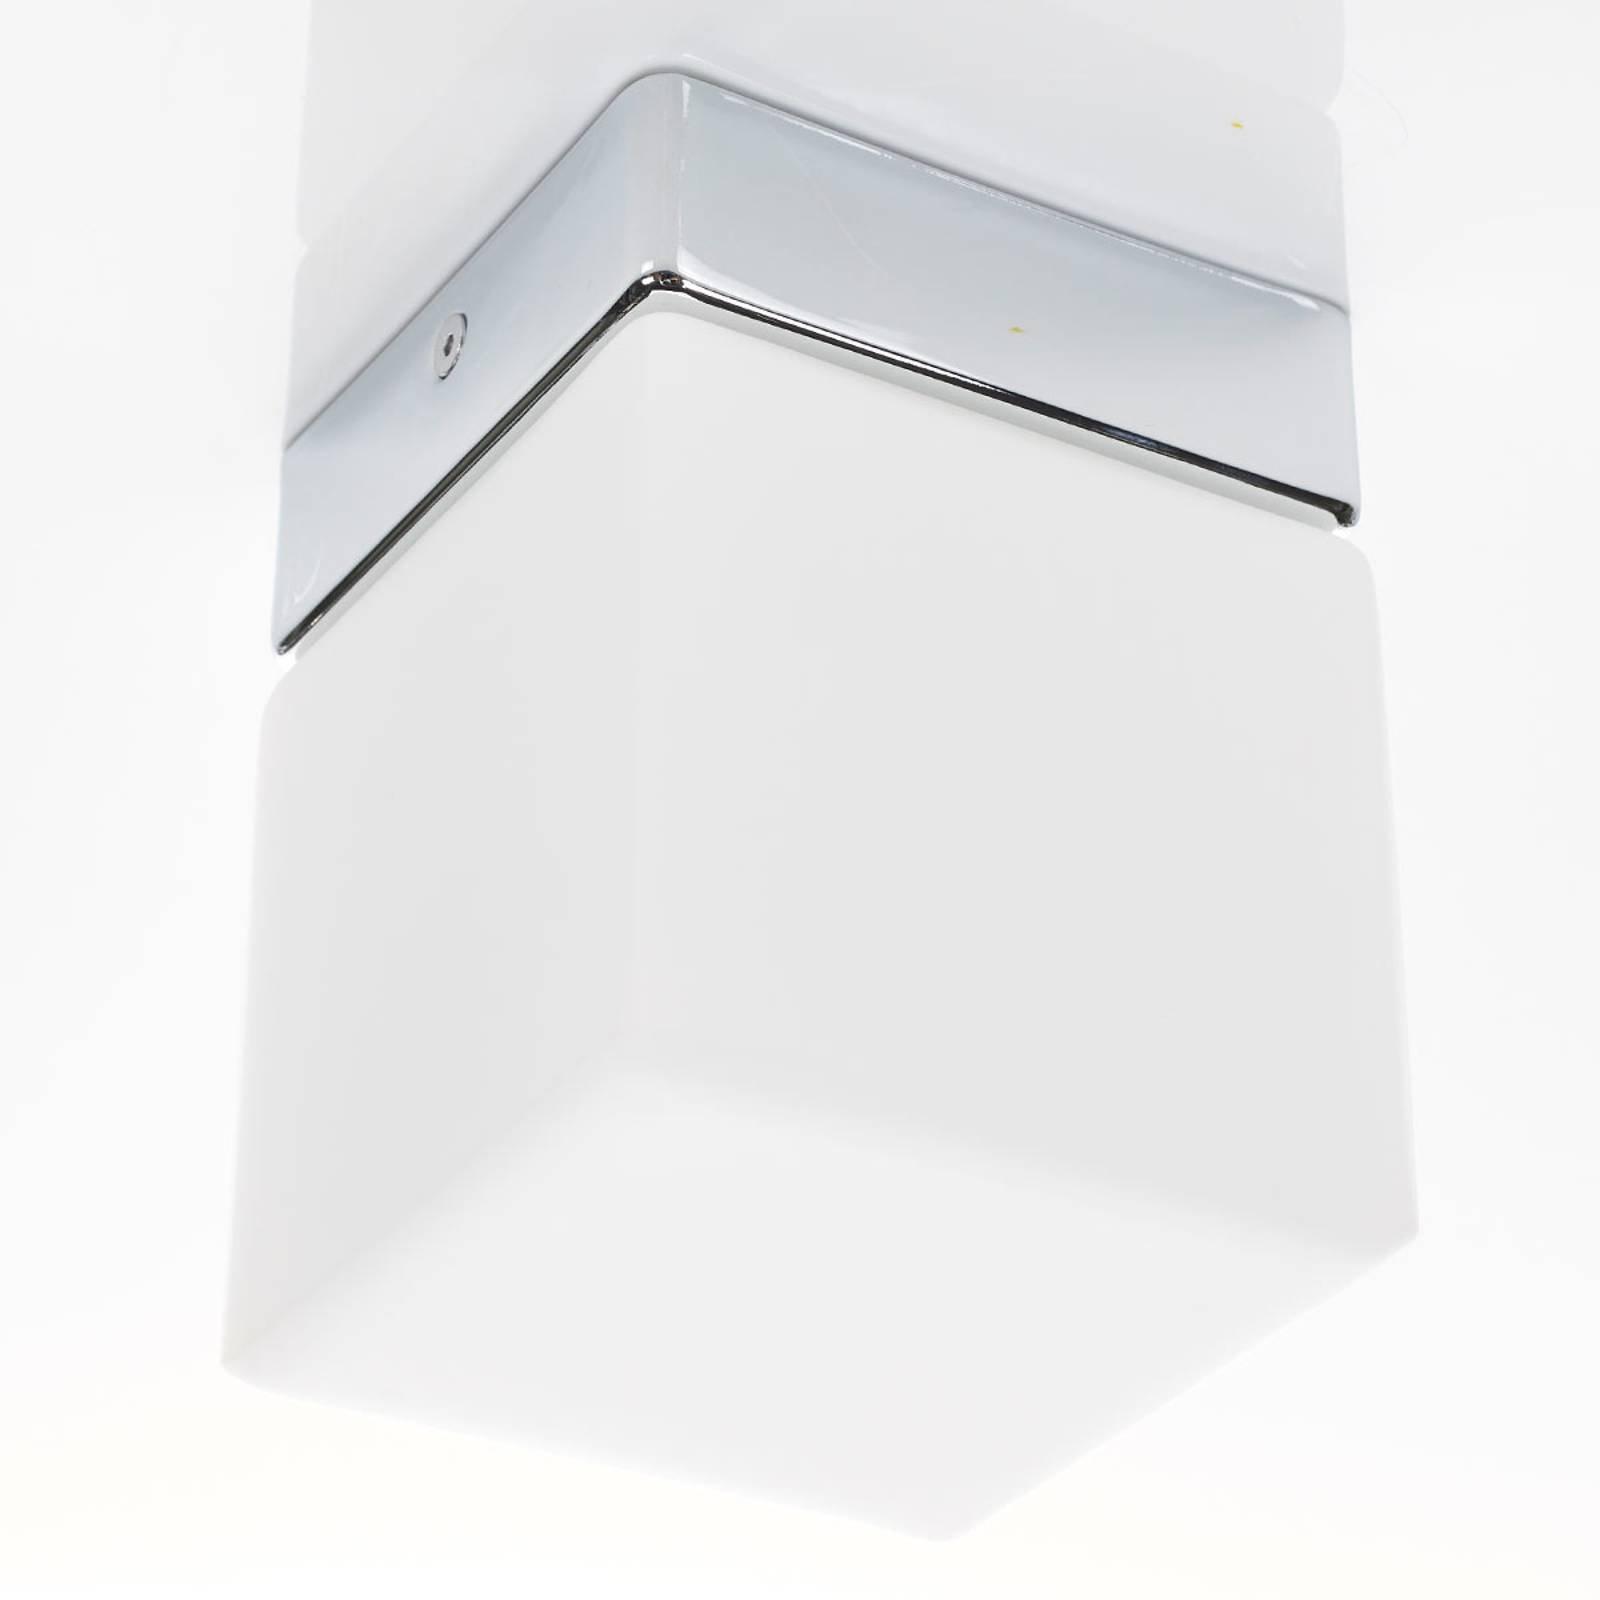 Helestra Keto - LED-taklampe til bad, kube